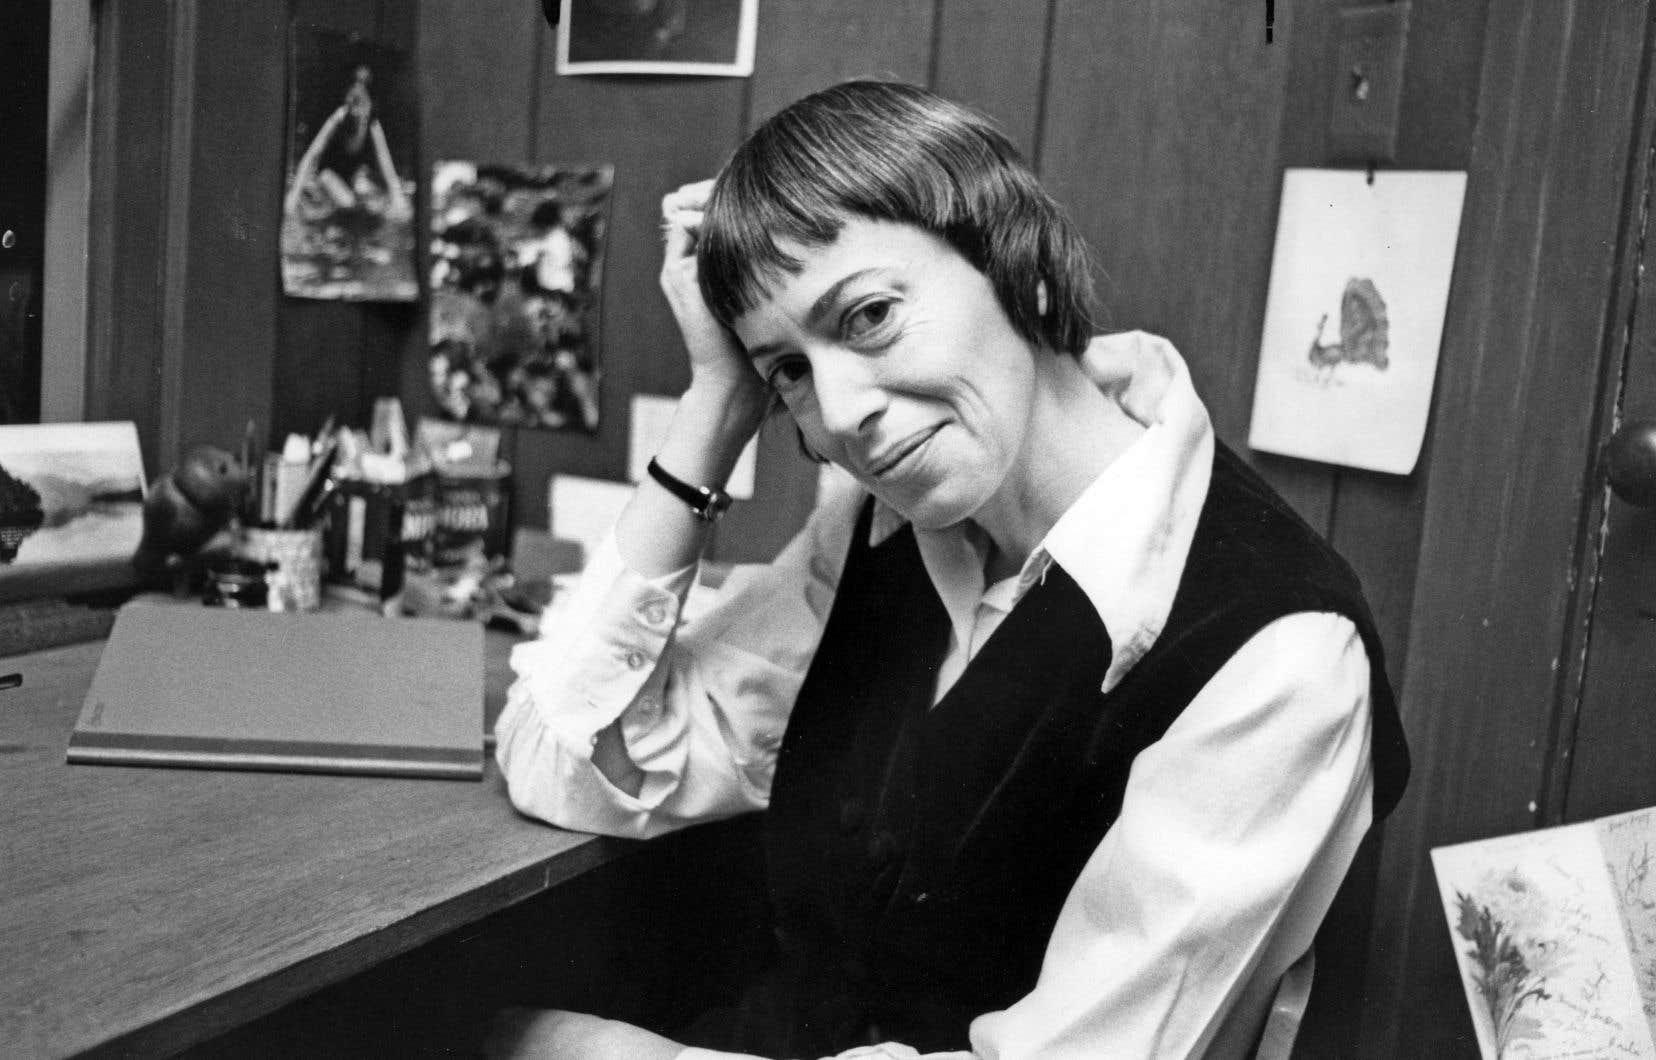 L'auteure célébrée, notamment pour sa série «Earthsea», ici photographiée en 1972